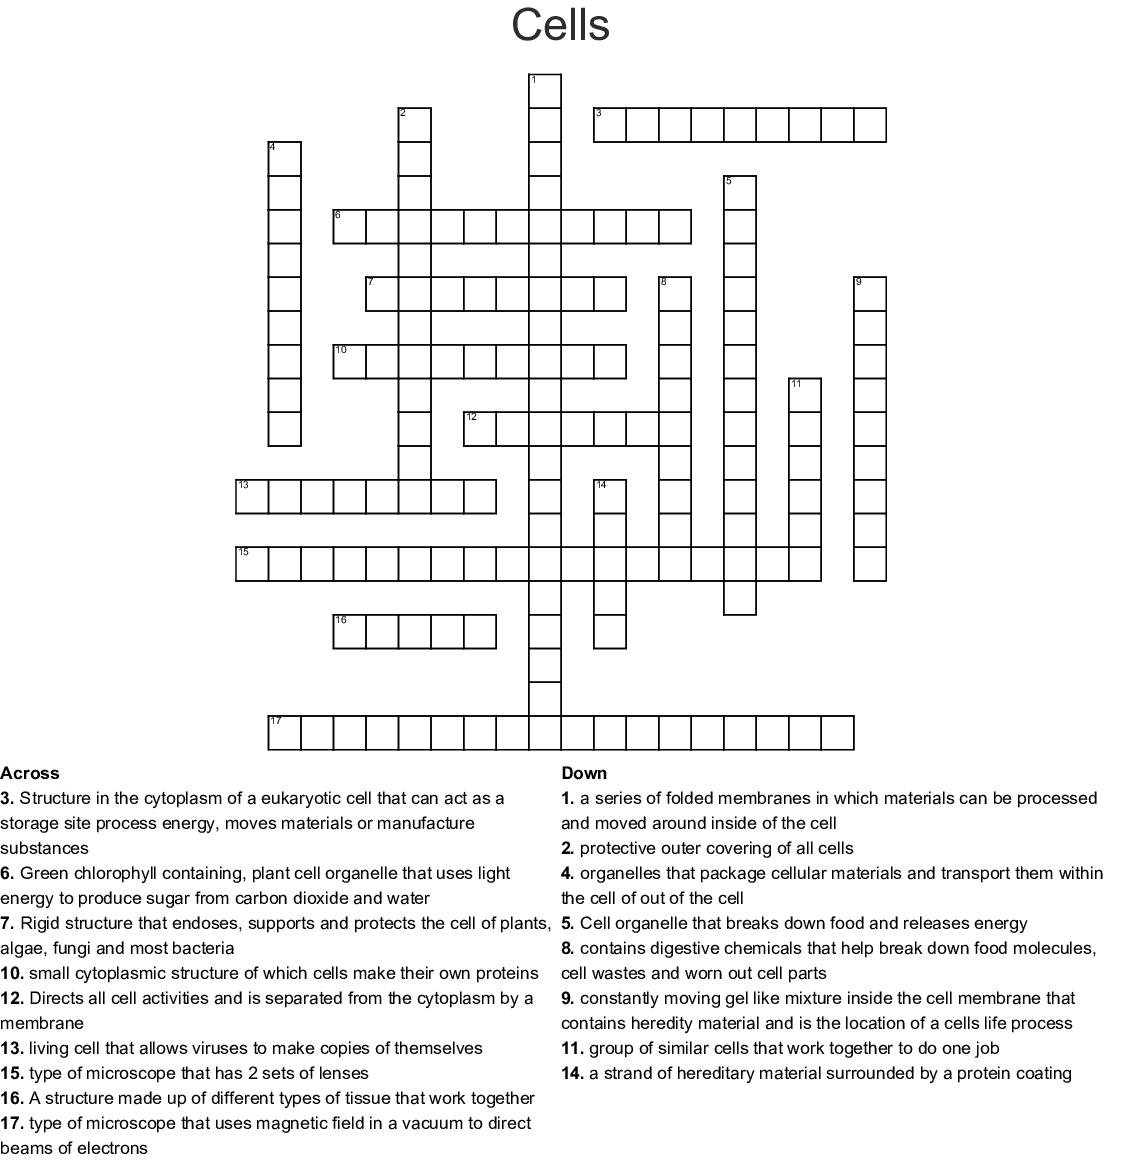 Cells Crossword